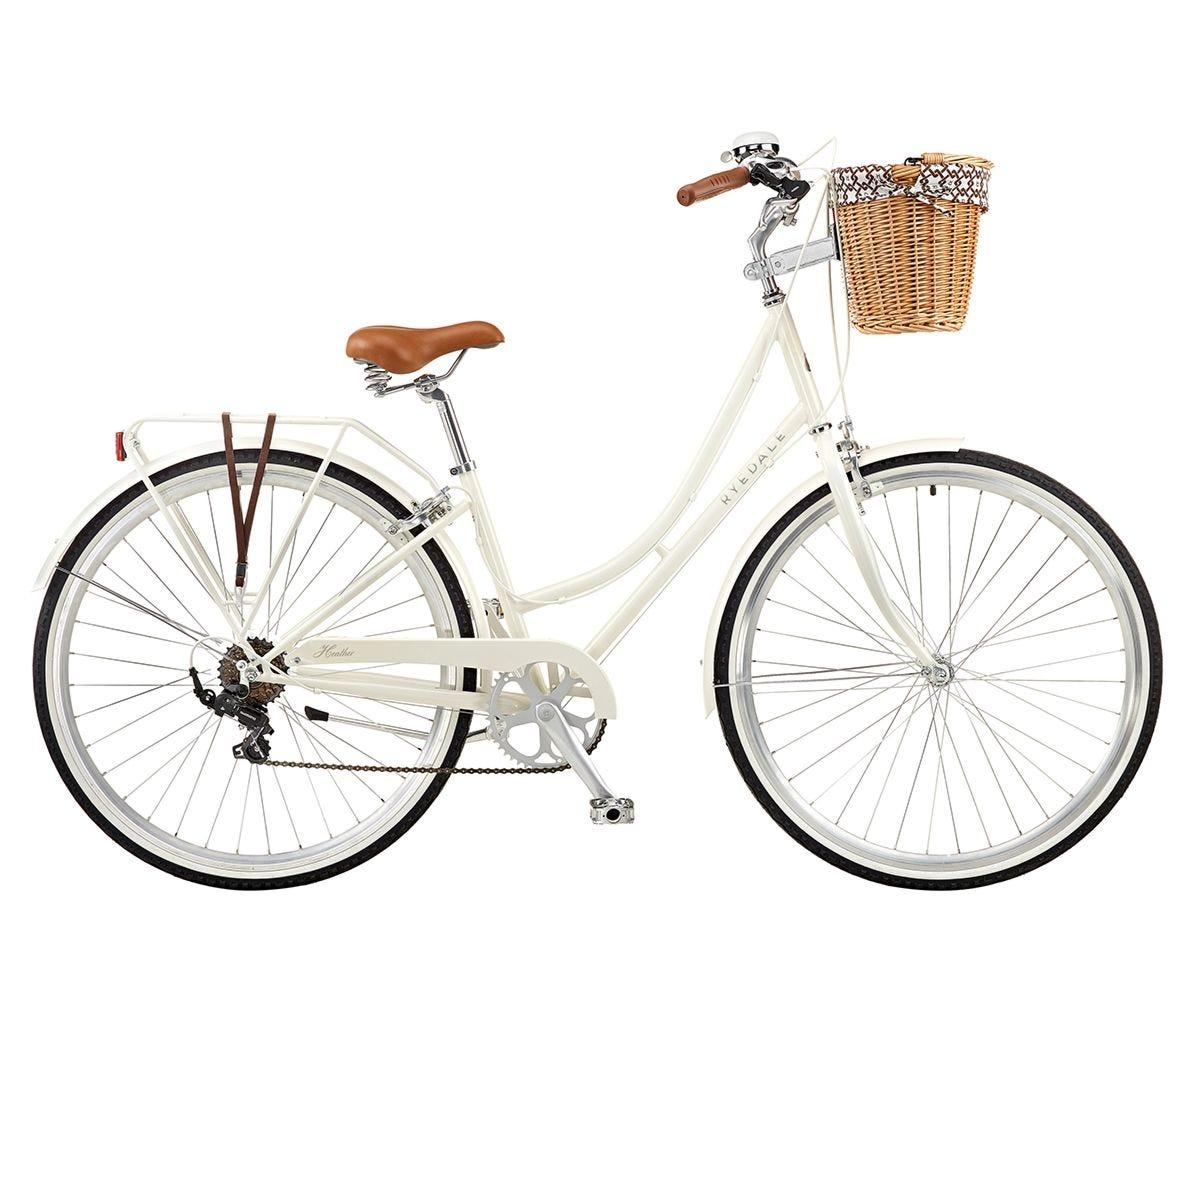 Ryedale Helmsley 700C 16 Inch 7 Speed Ladies Heritage Bike - Stone